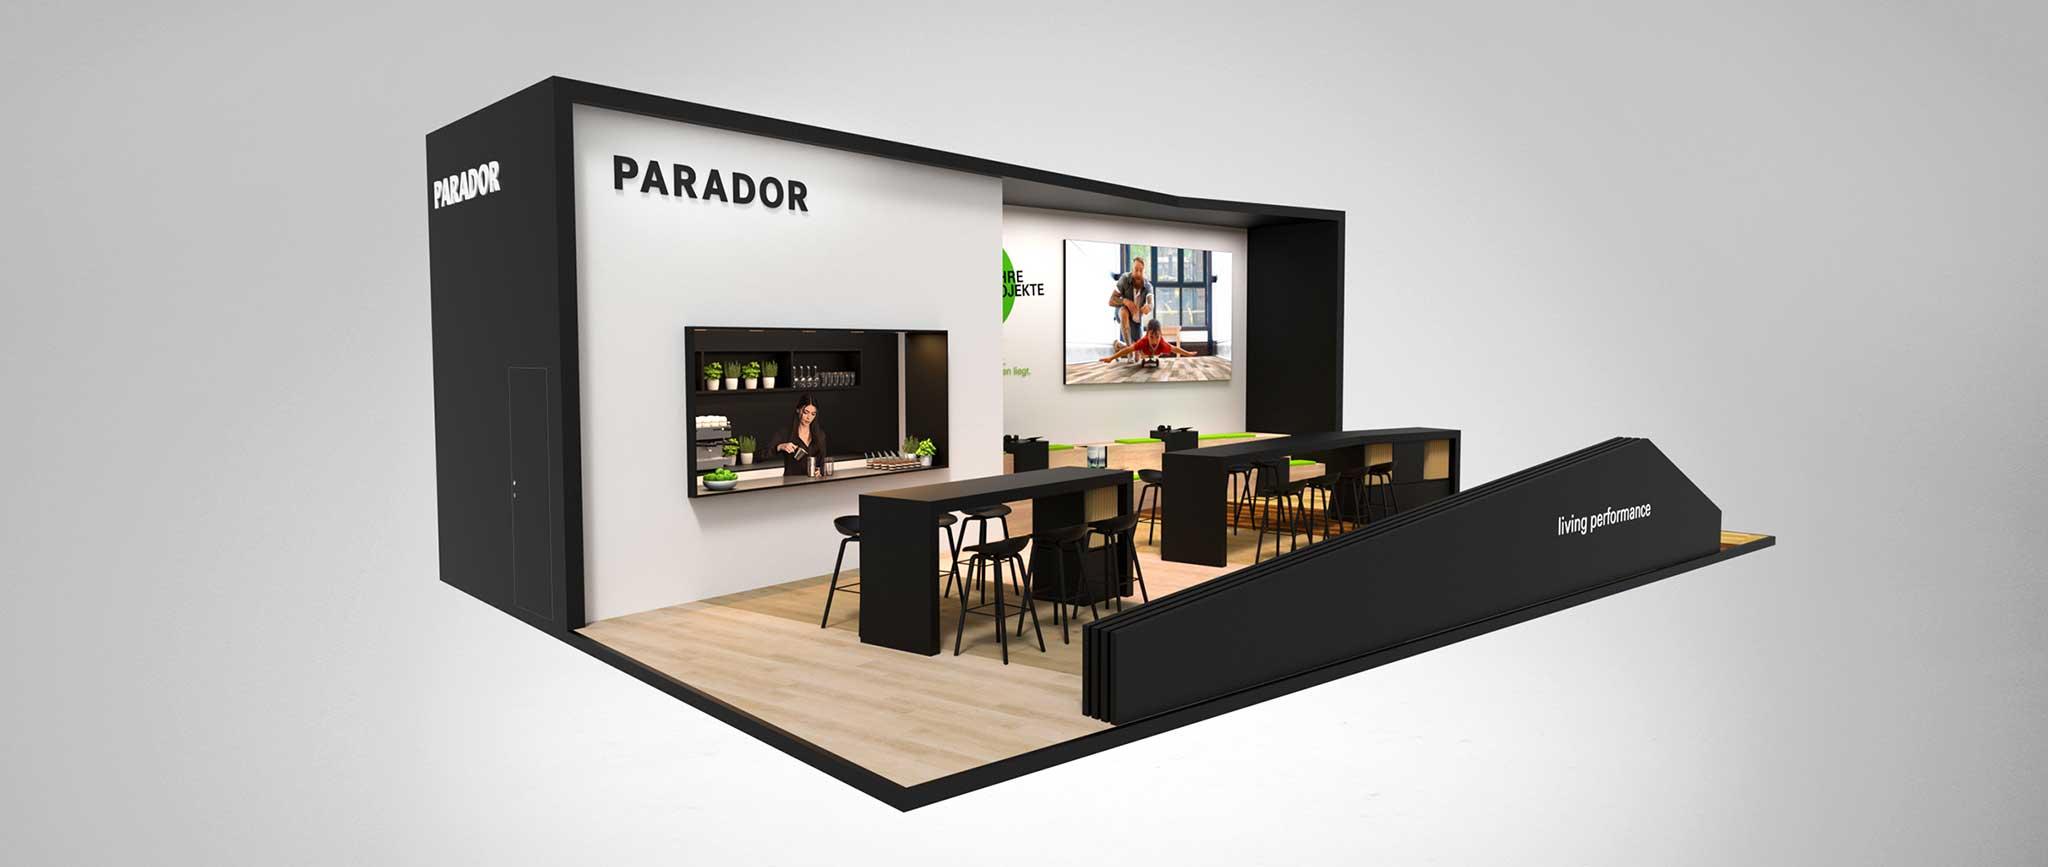 Parador Messeauftritte: Messedesign von Agentur Preussisch Portugal aus Hamburg